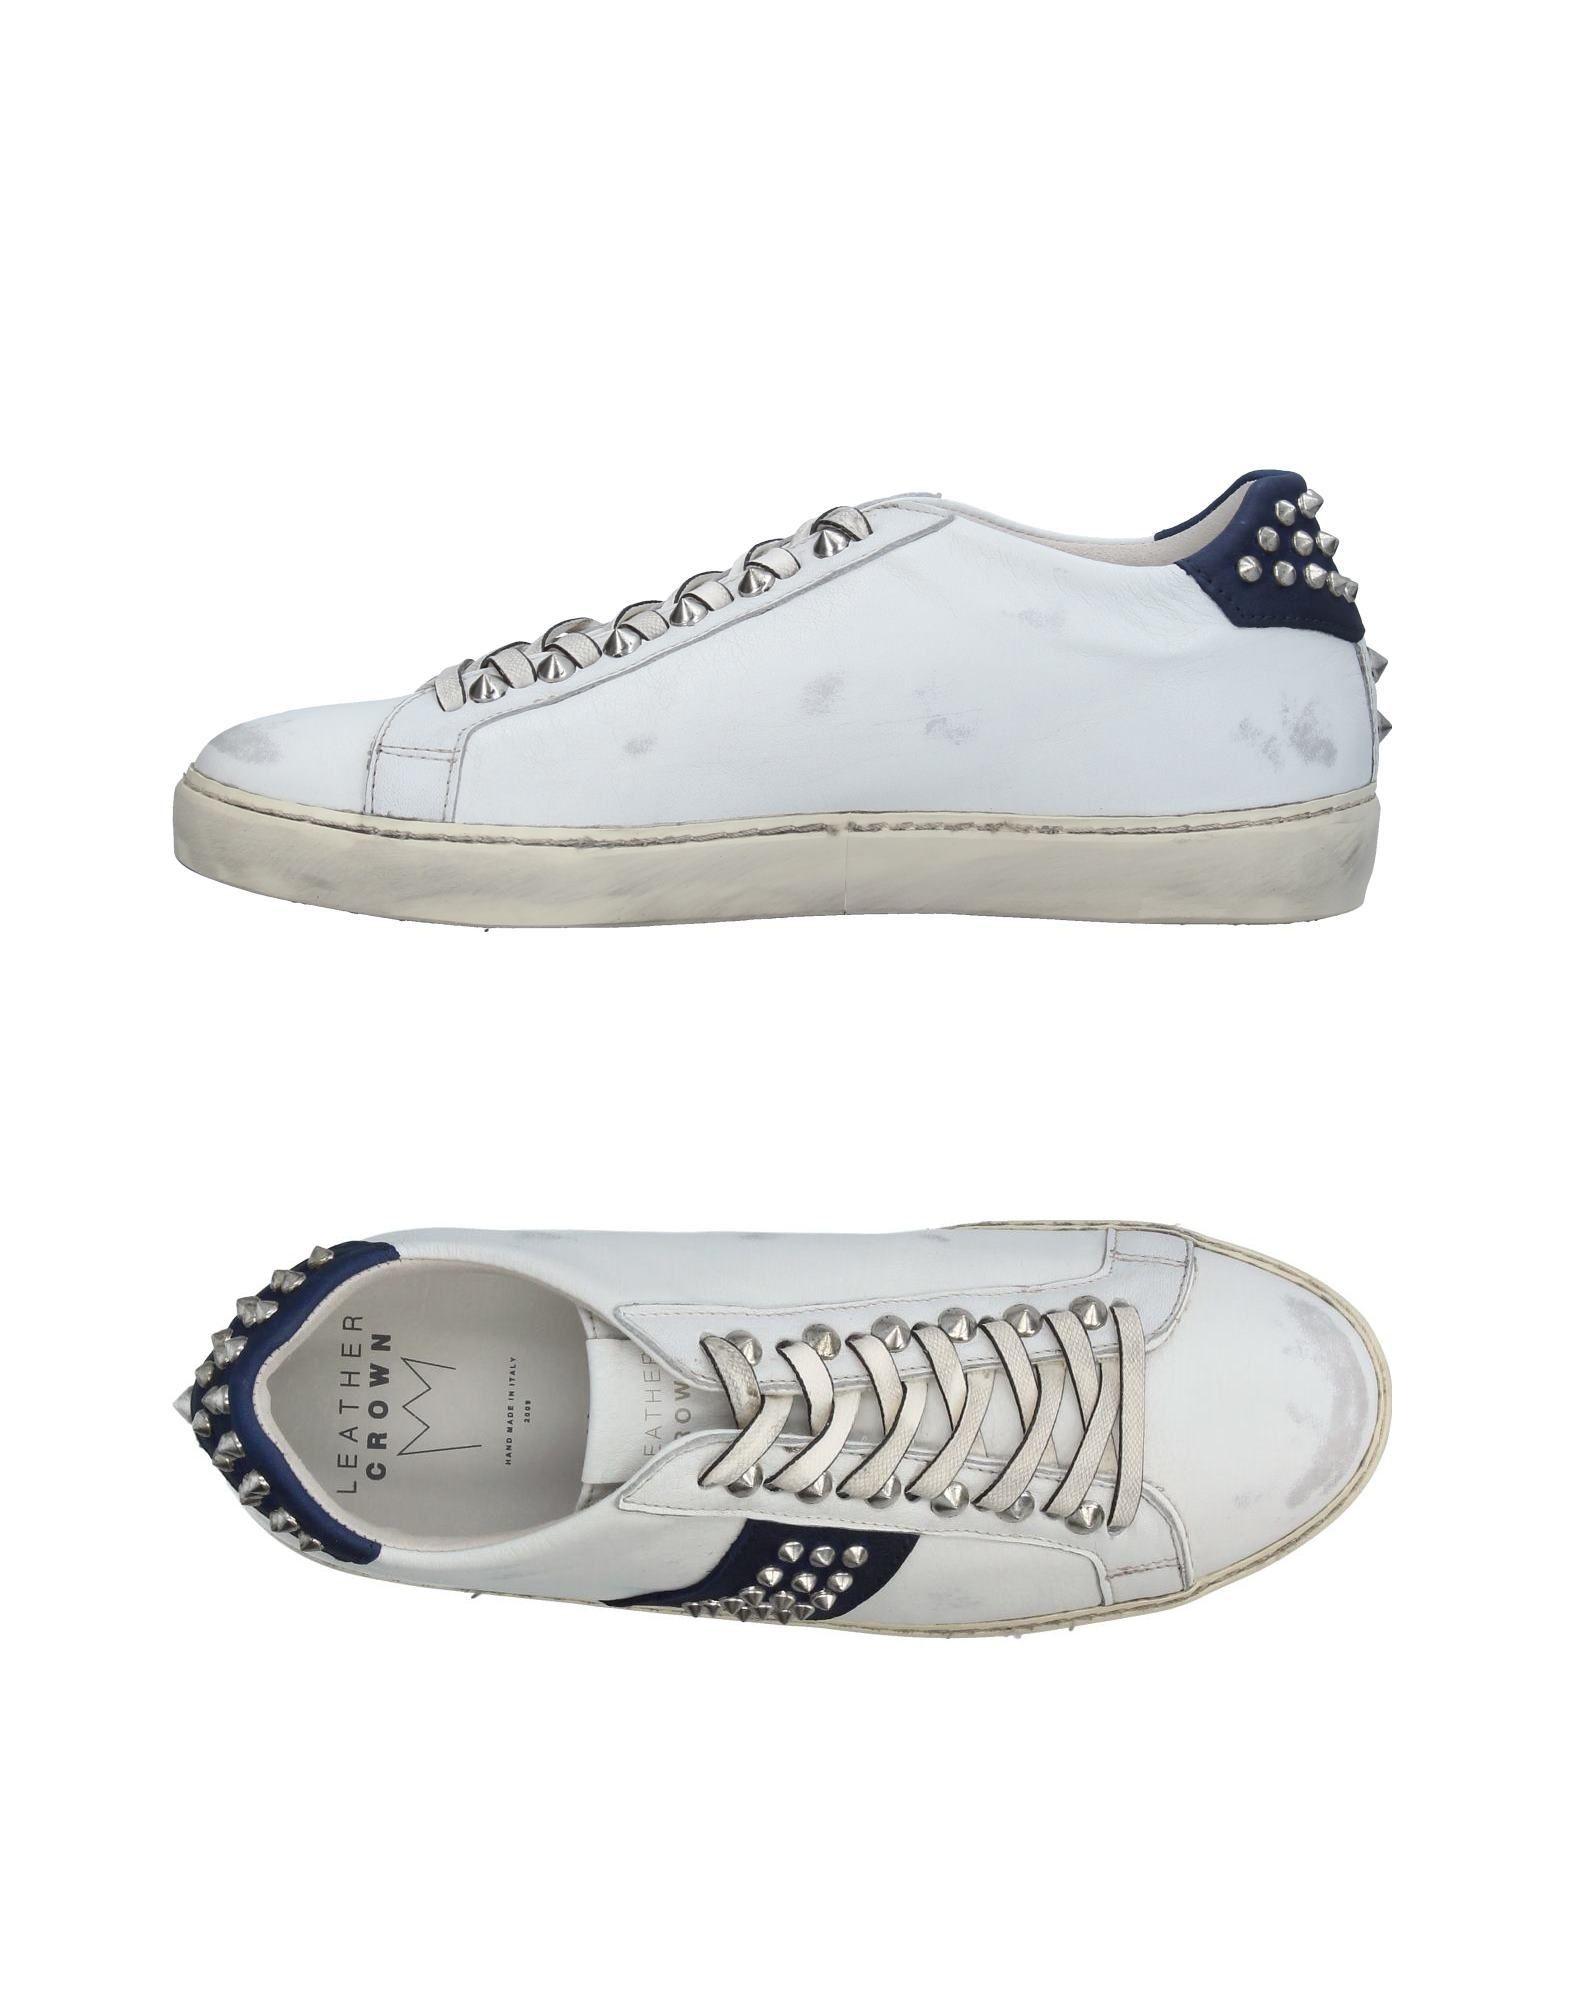 Leather Crown Sneakers Herren  11326638HX Gute Qualität beliebte Schuhe